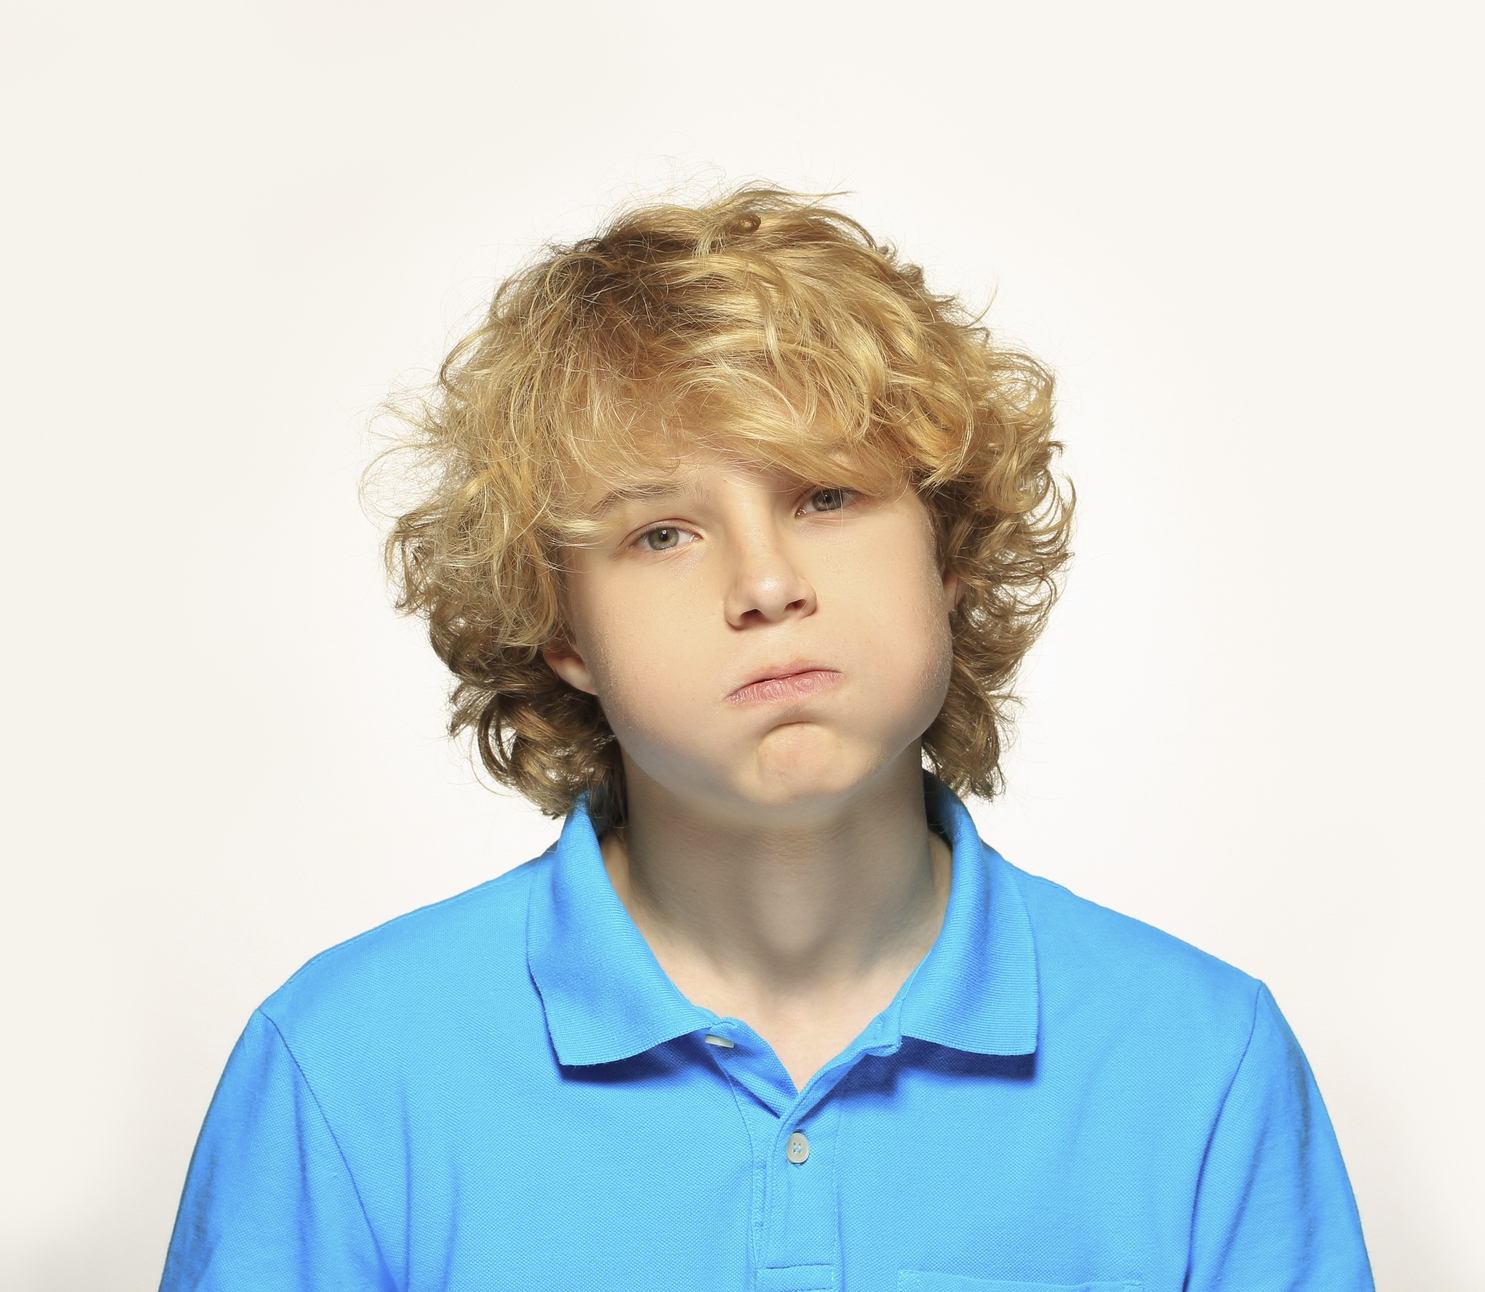 BLOG: Teen Behavior I